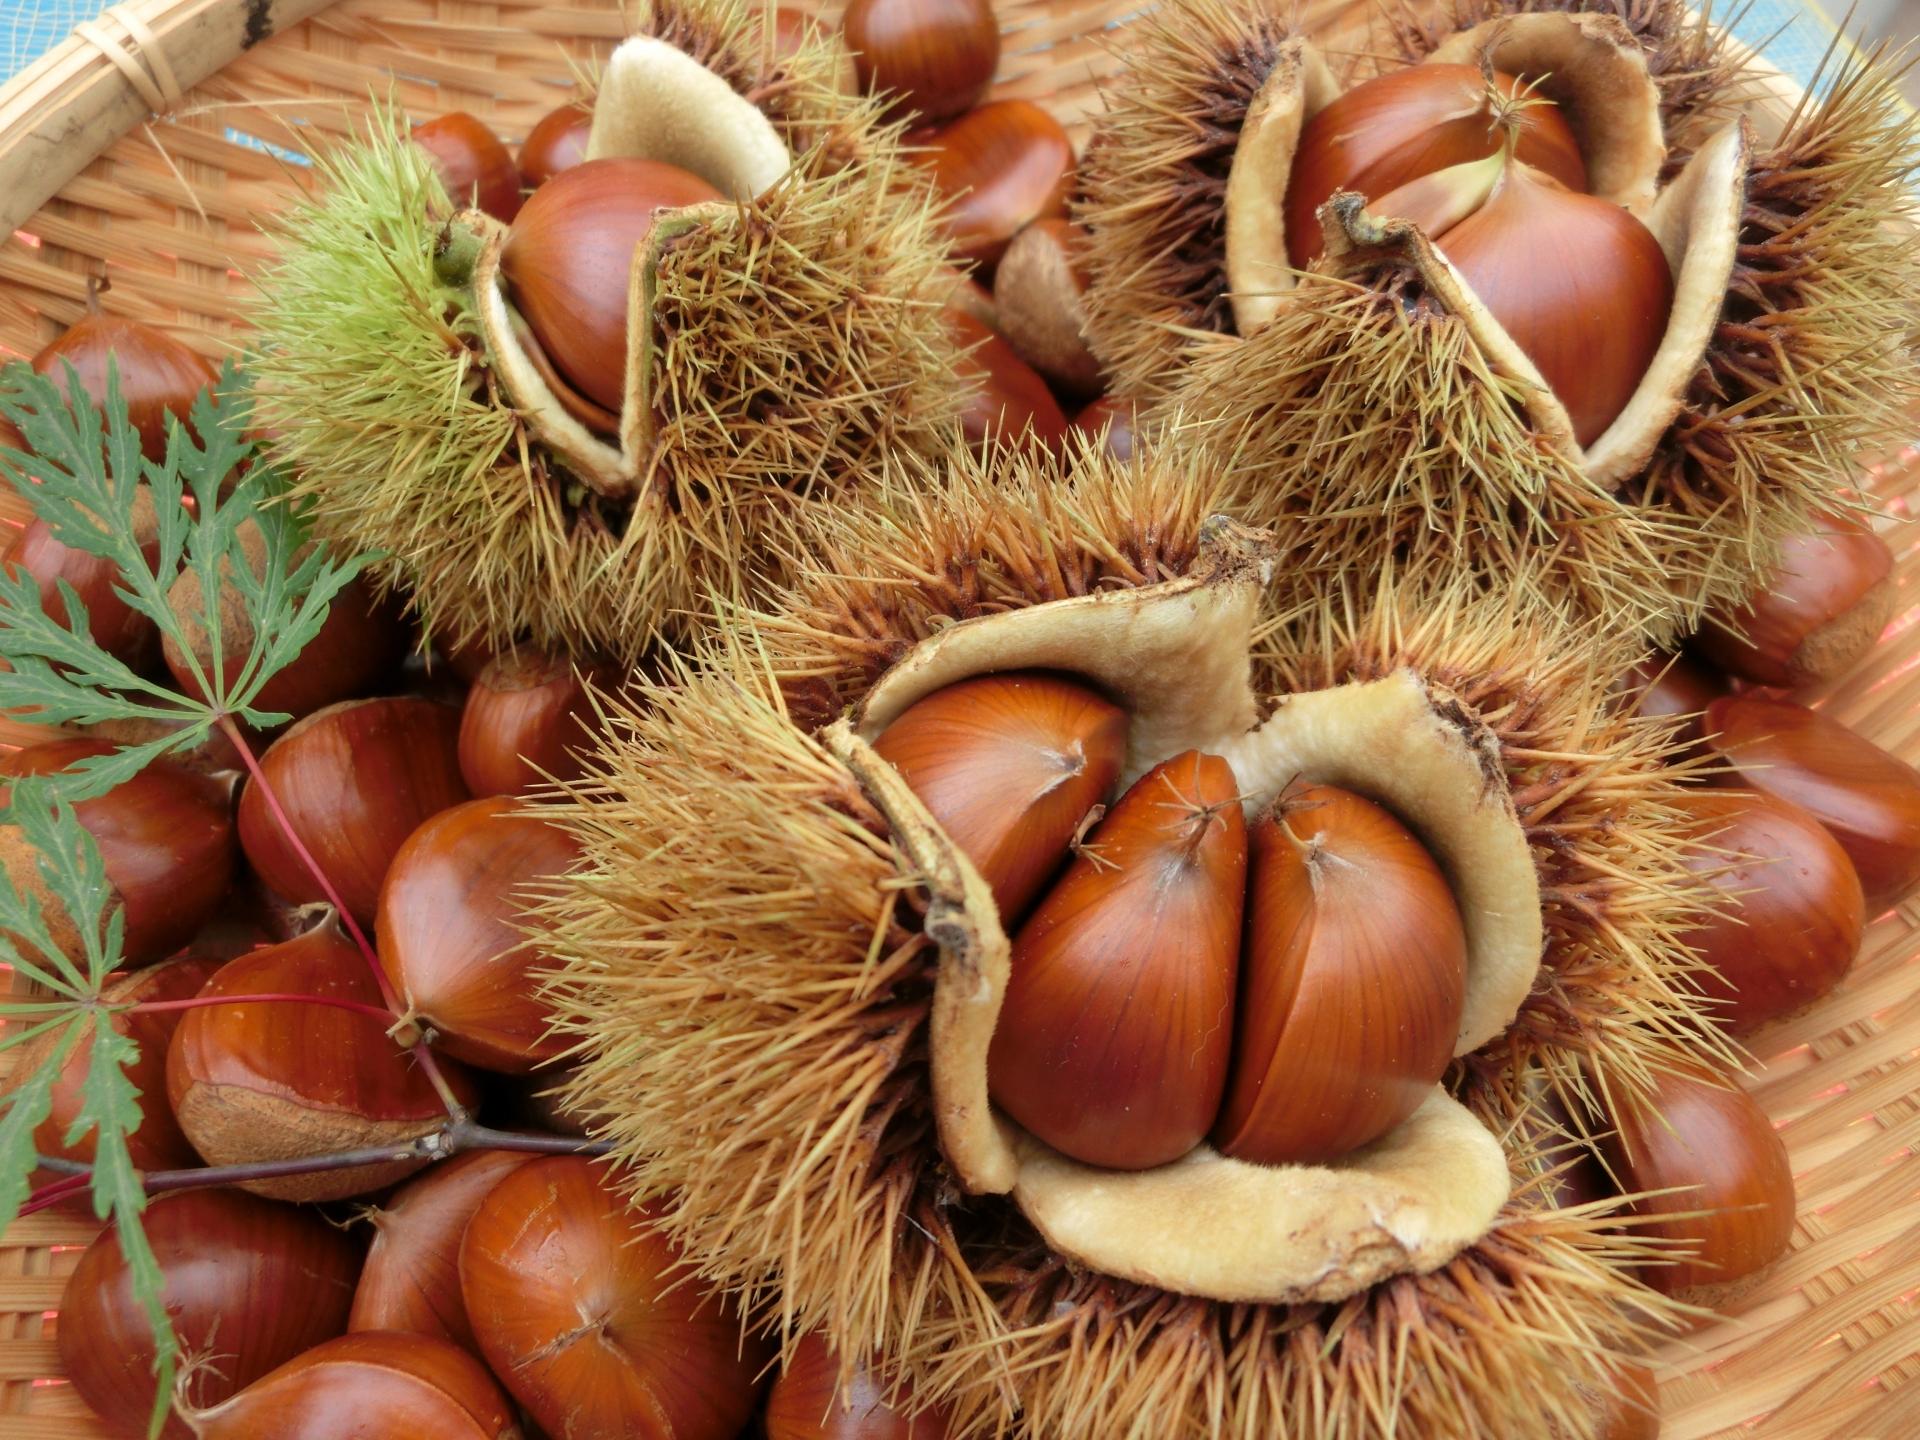 栗が美味しい季節です。栗ごはんやスイーツなど栗を使ったオススメレシピとゆで方・皮むきのコツ